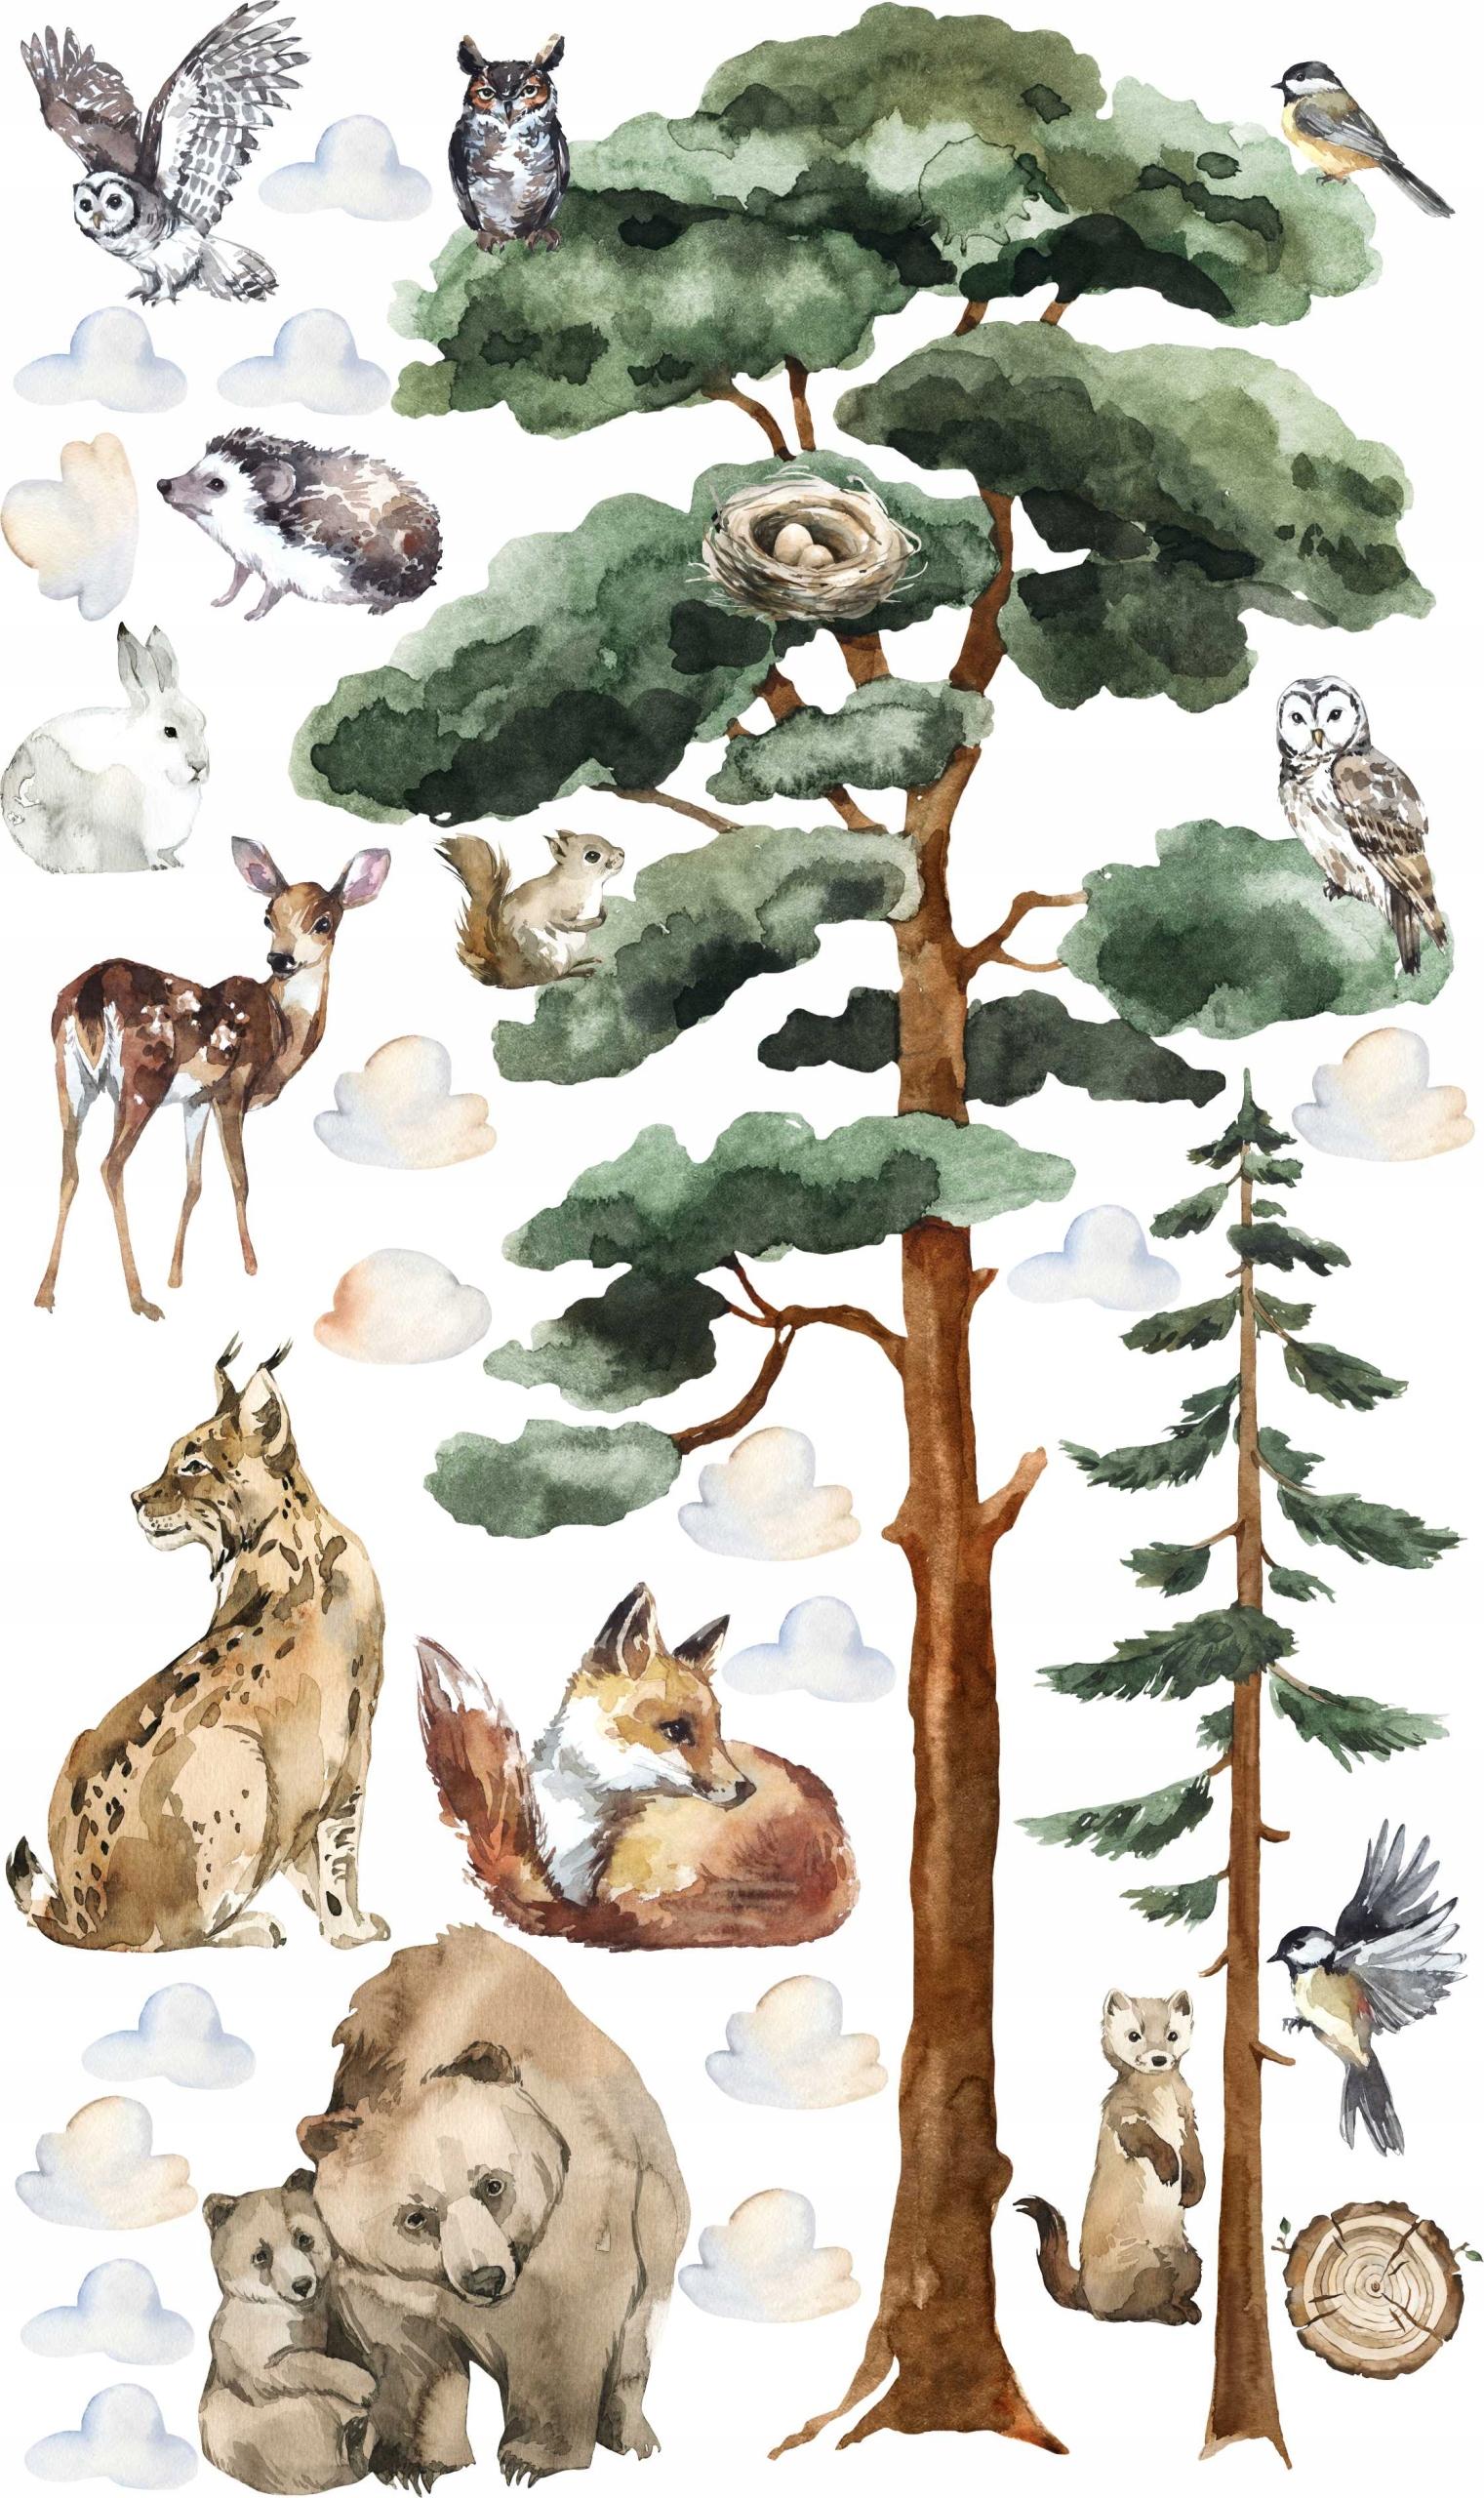 Наклейки ЛЕС ДЛЯ ДЕТЕЙ Лесные деревья на стену